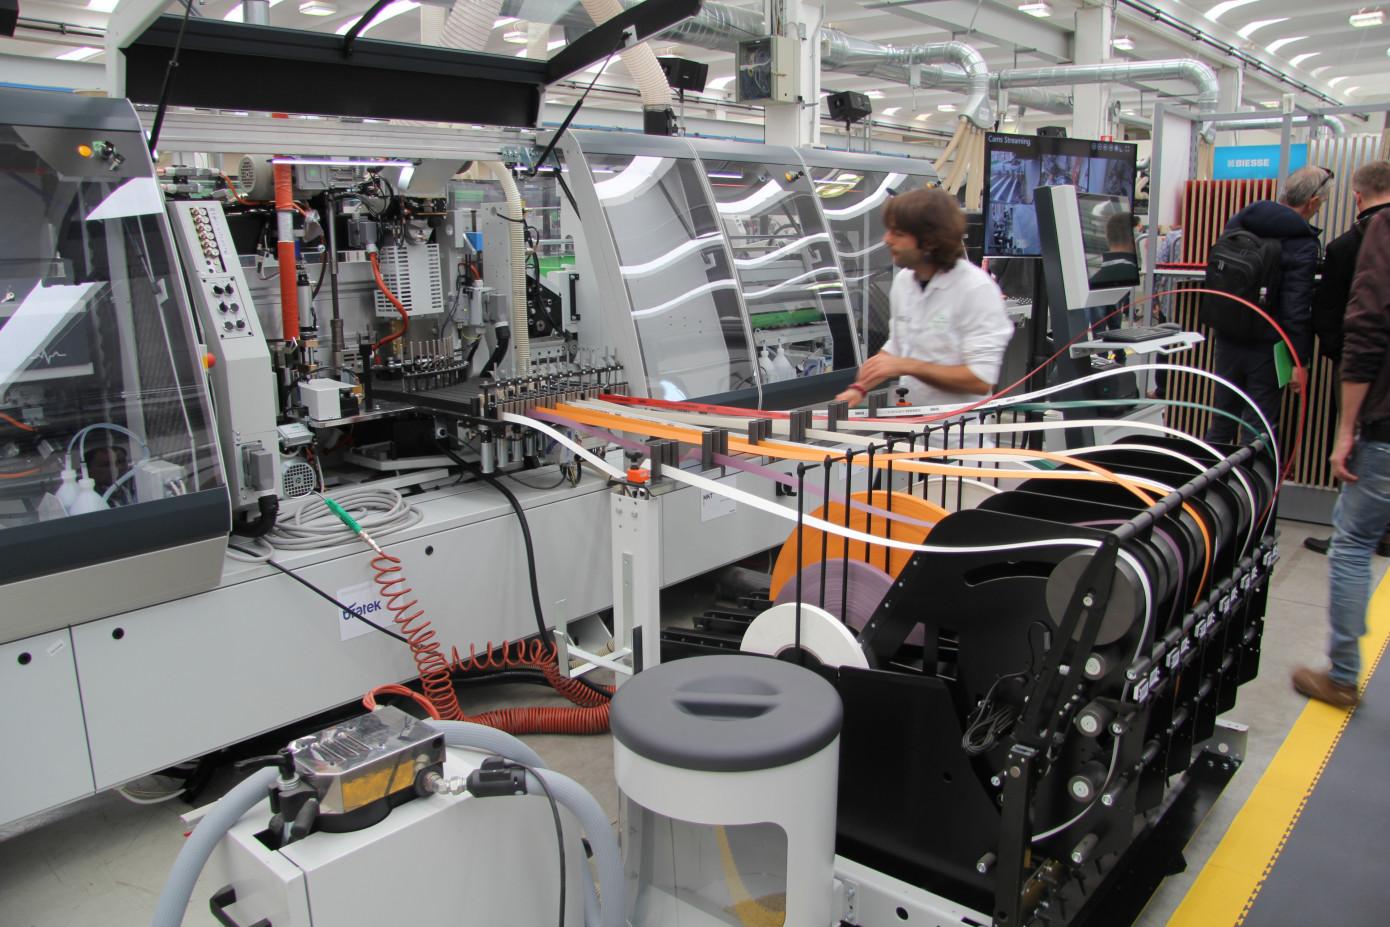 Acimall: во 2 кв. 2020 г. заказы на итальянское деревообрабатывающее оборудование снизились на 39,2%